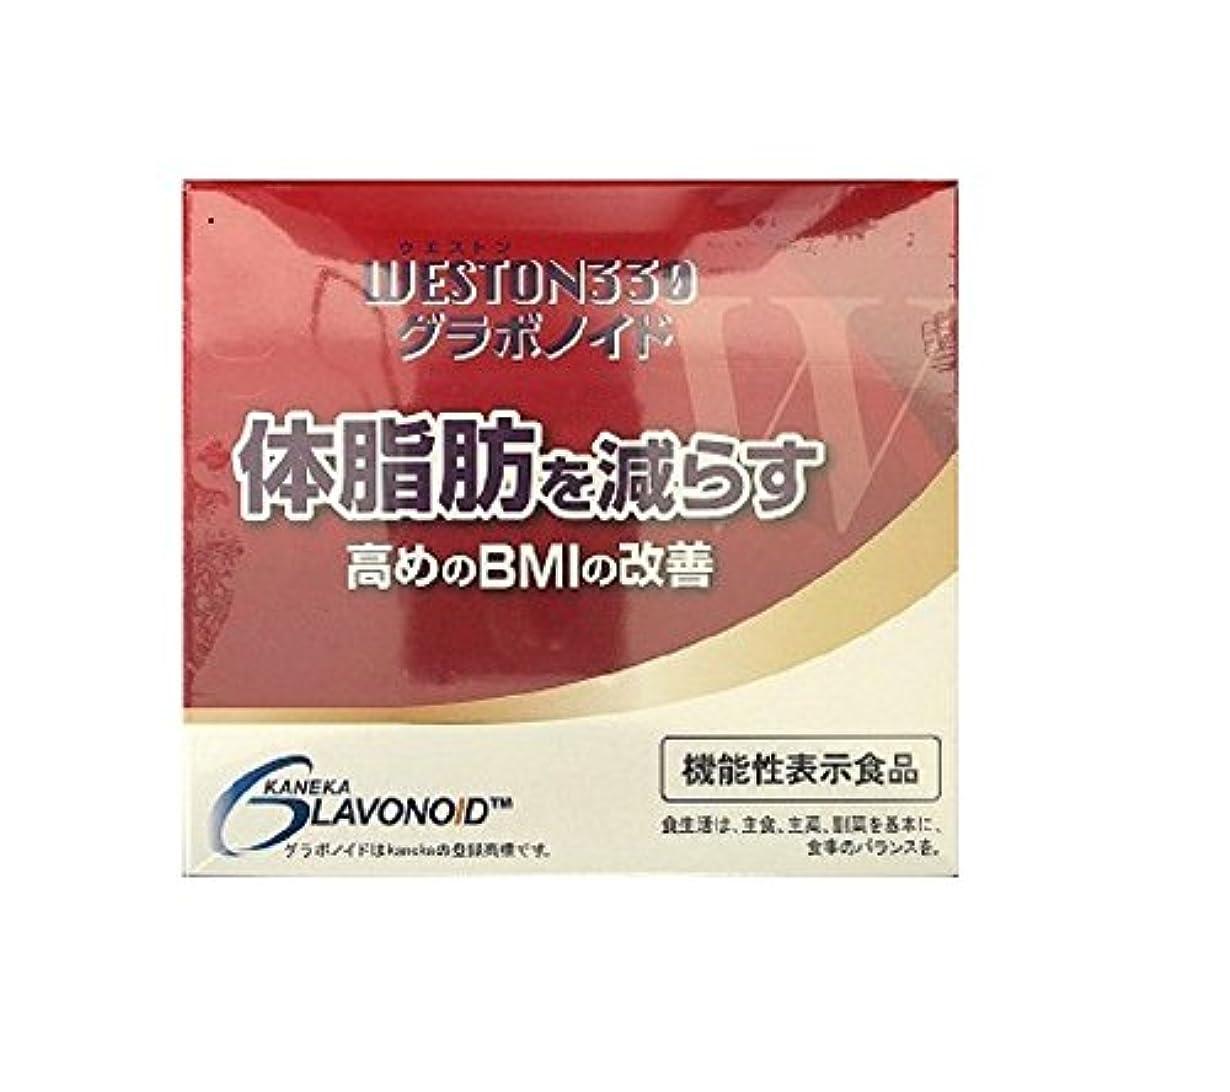 思春期高価な後ろにリマックスジャパン WESTON330 グラボノイド 60粒 (30日分) [機能性表示食品]